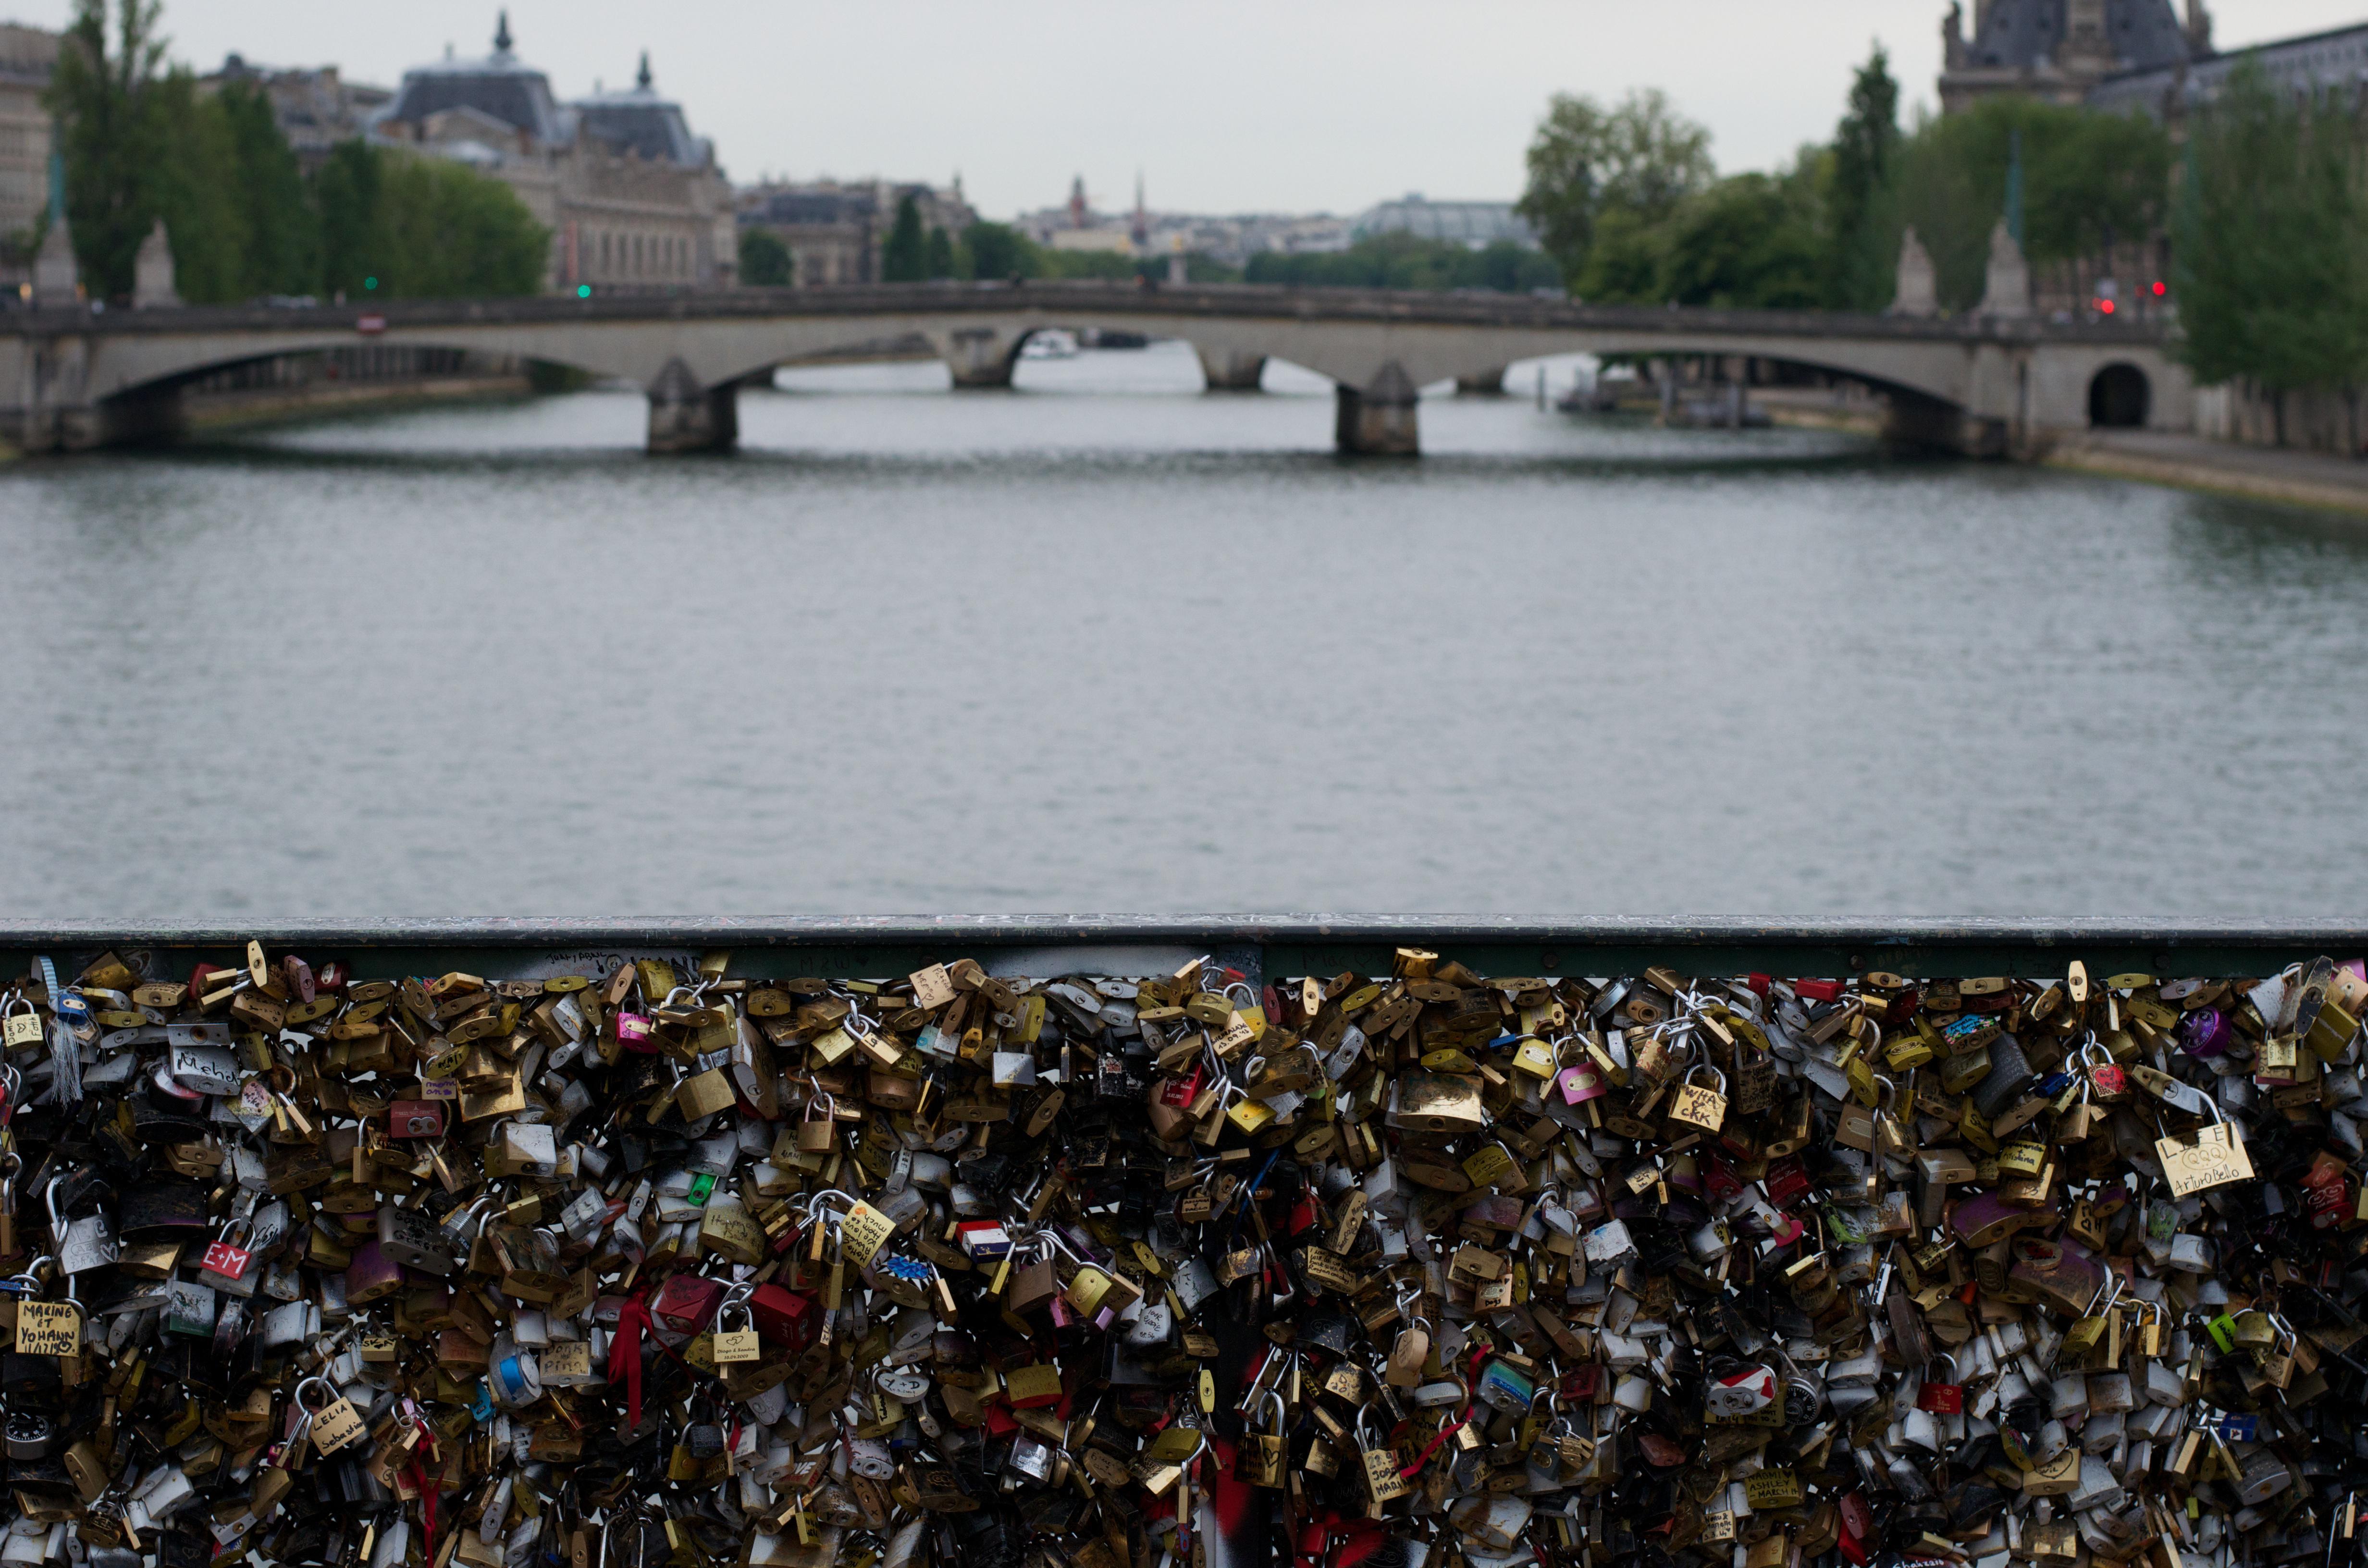 pont-des-arts_14053506203_o